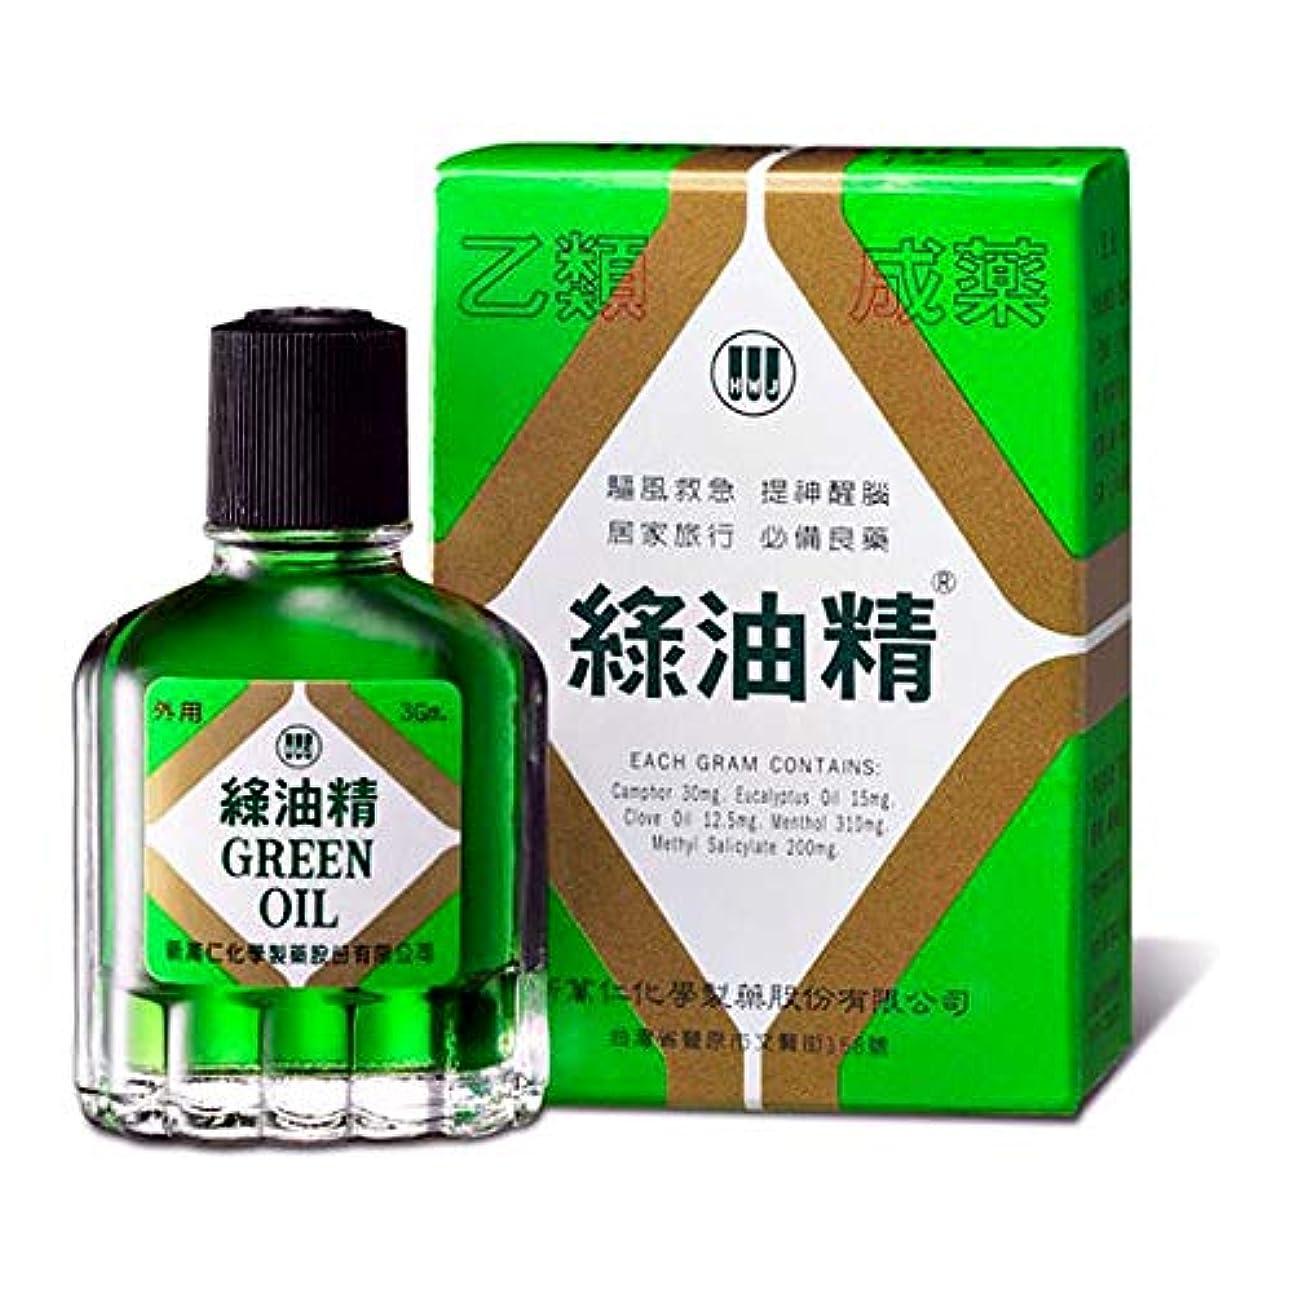 予知自体改善する《新萬仁》台湾の万能グリーンオイル 緑油精 3g 《台湾 お土産》 [並行輸入品]